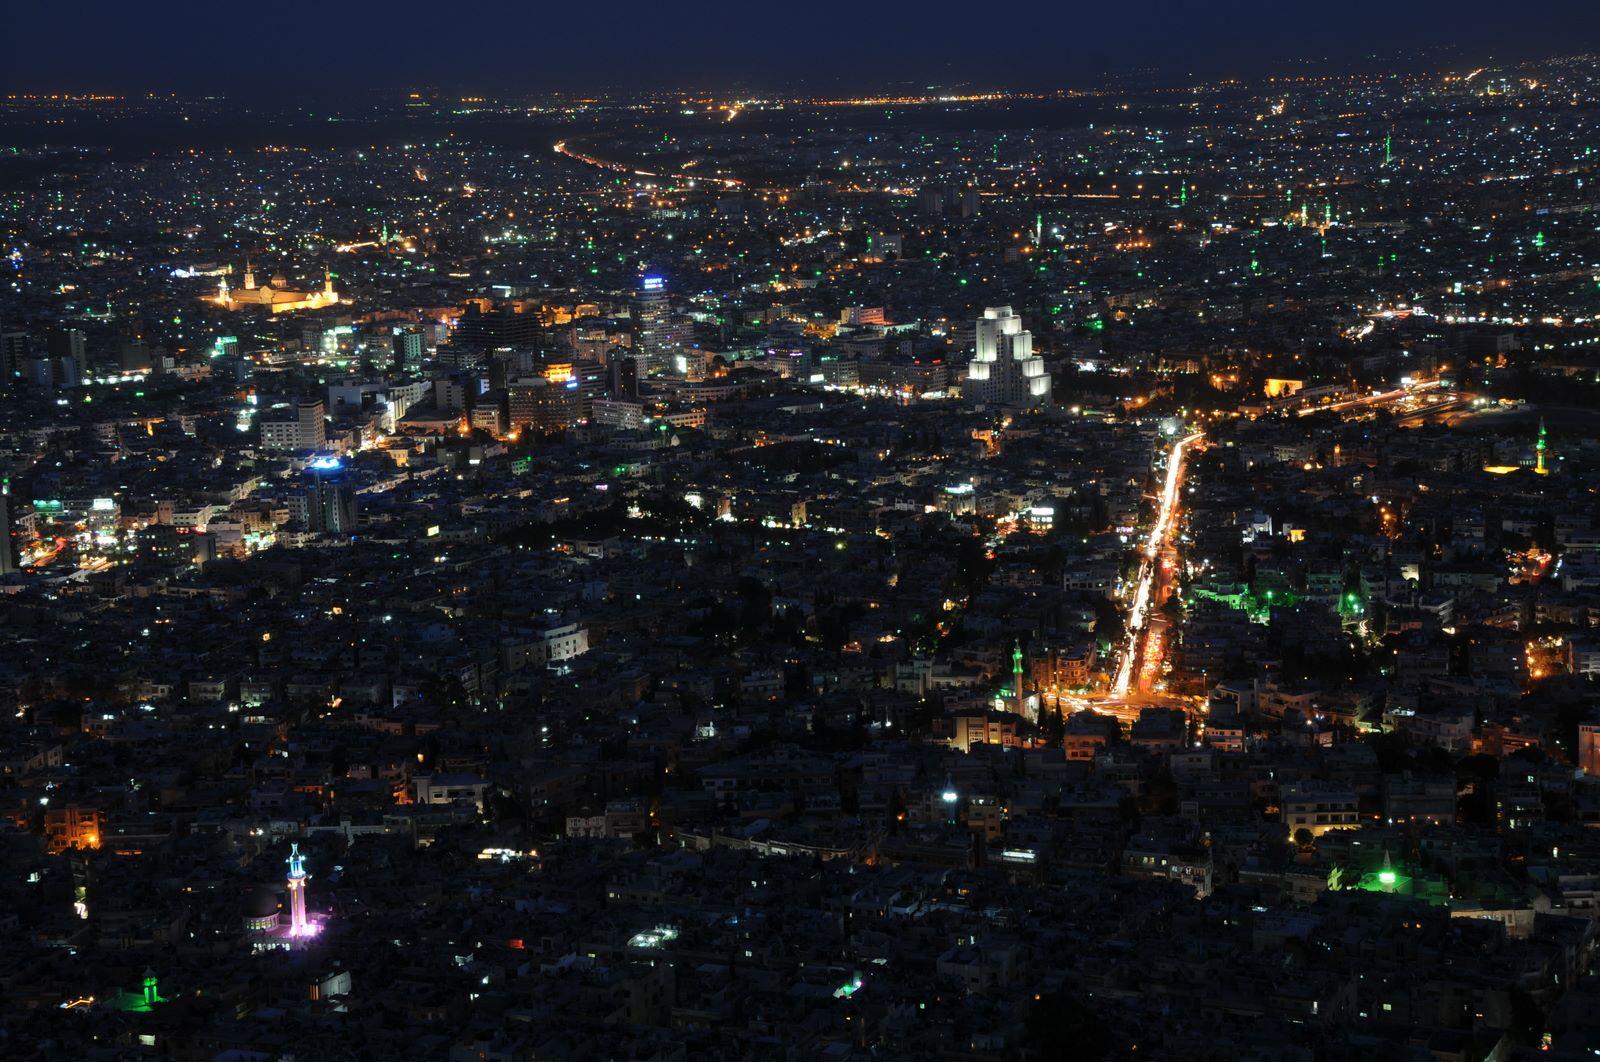 Фотографии довоенной Сирии (2009 год)